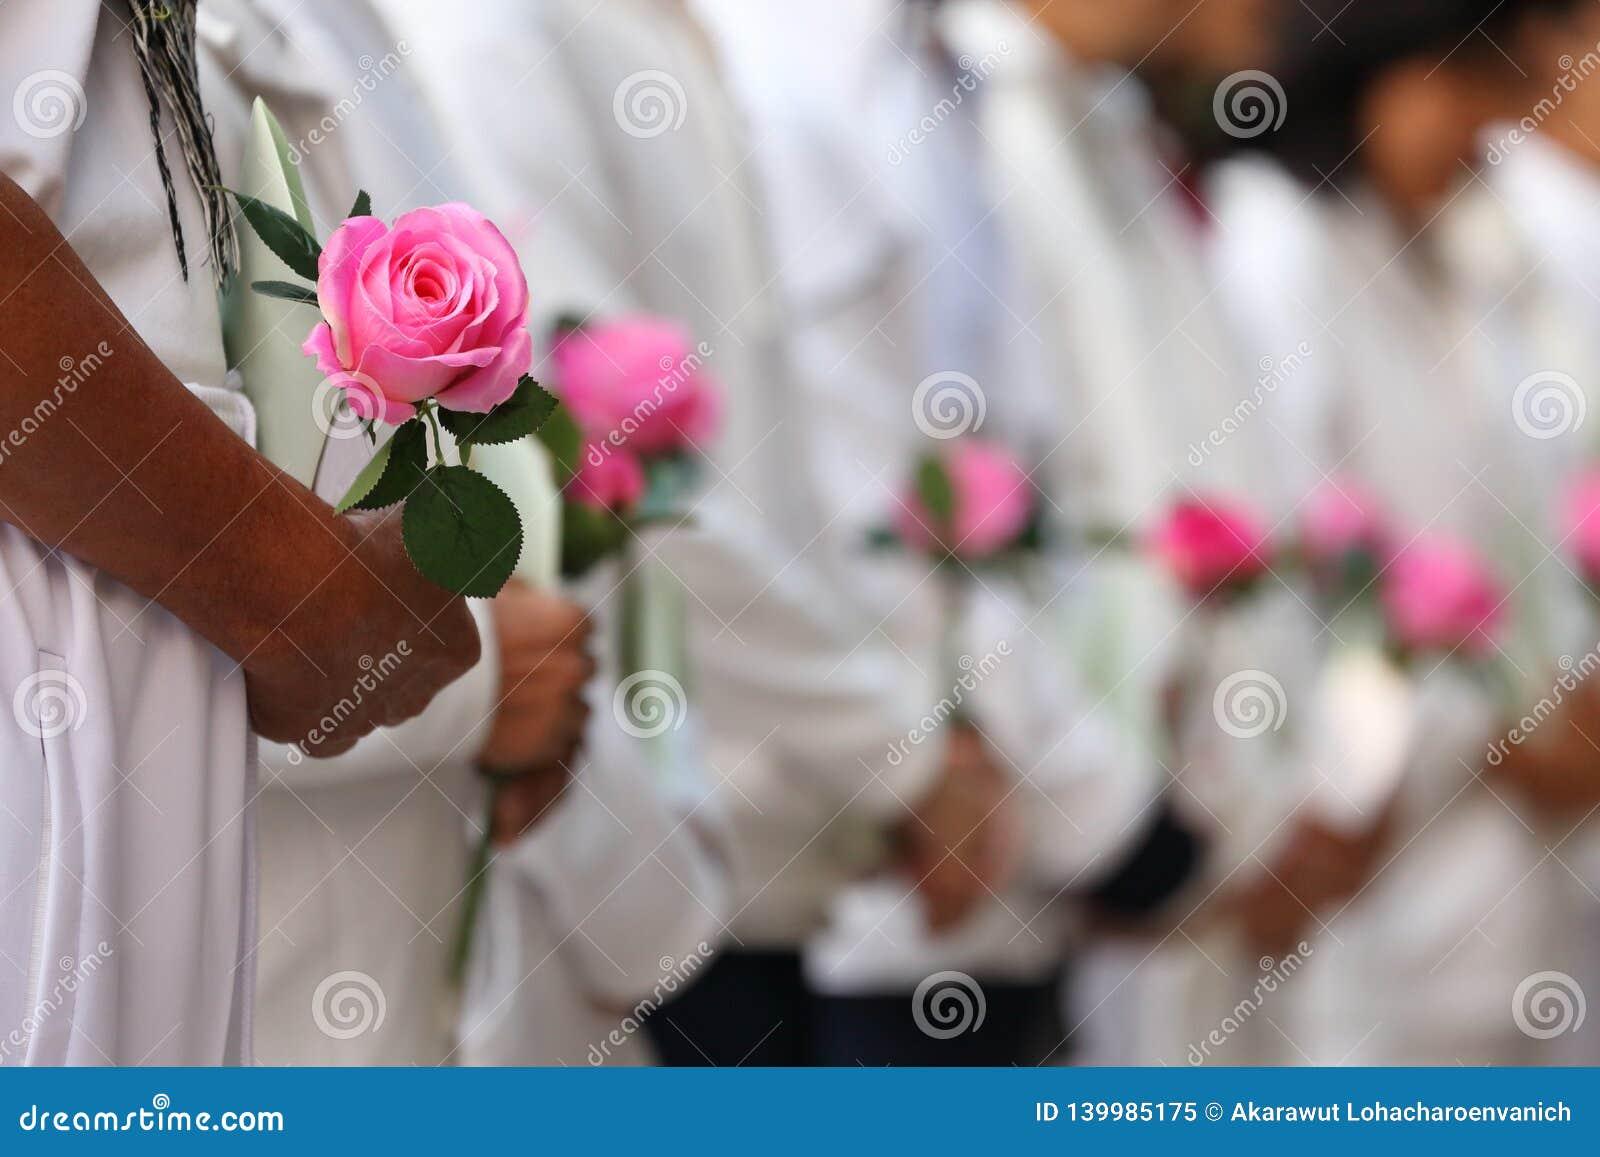 O oferecimento do grupo de pessoas aumentou flor que expressa os pêsames para respeitar o perdido do amor um durante a cerimônia